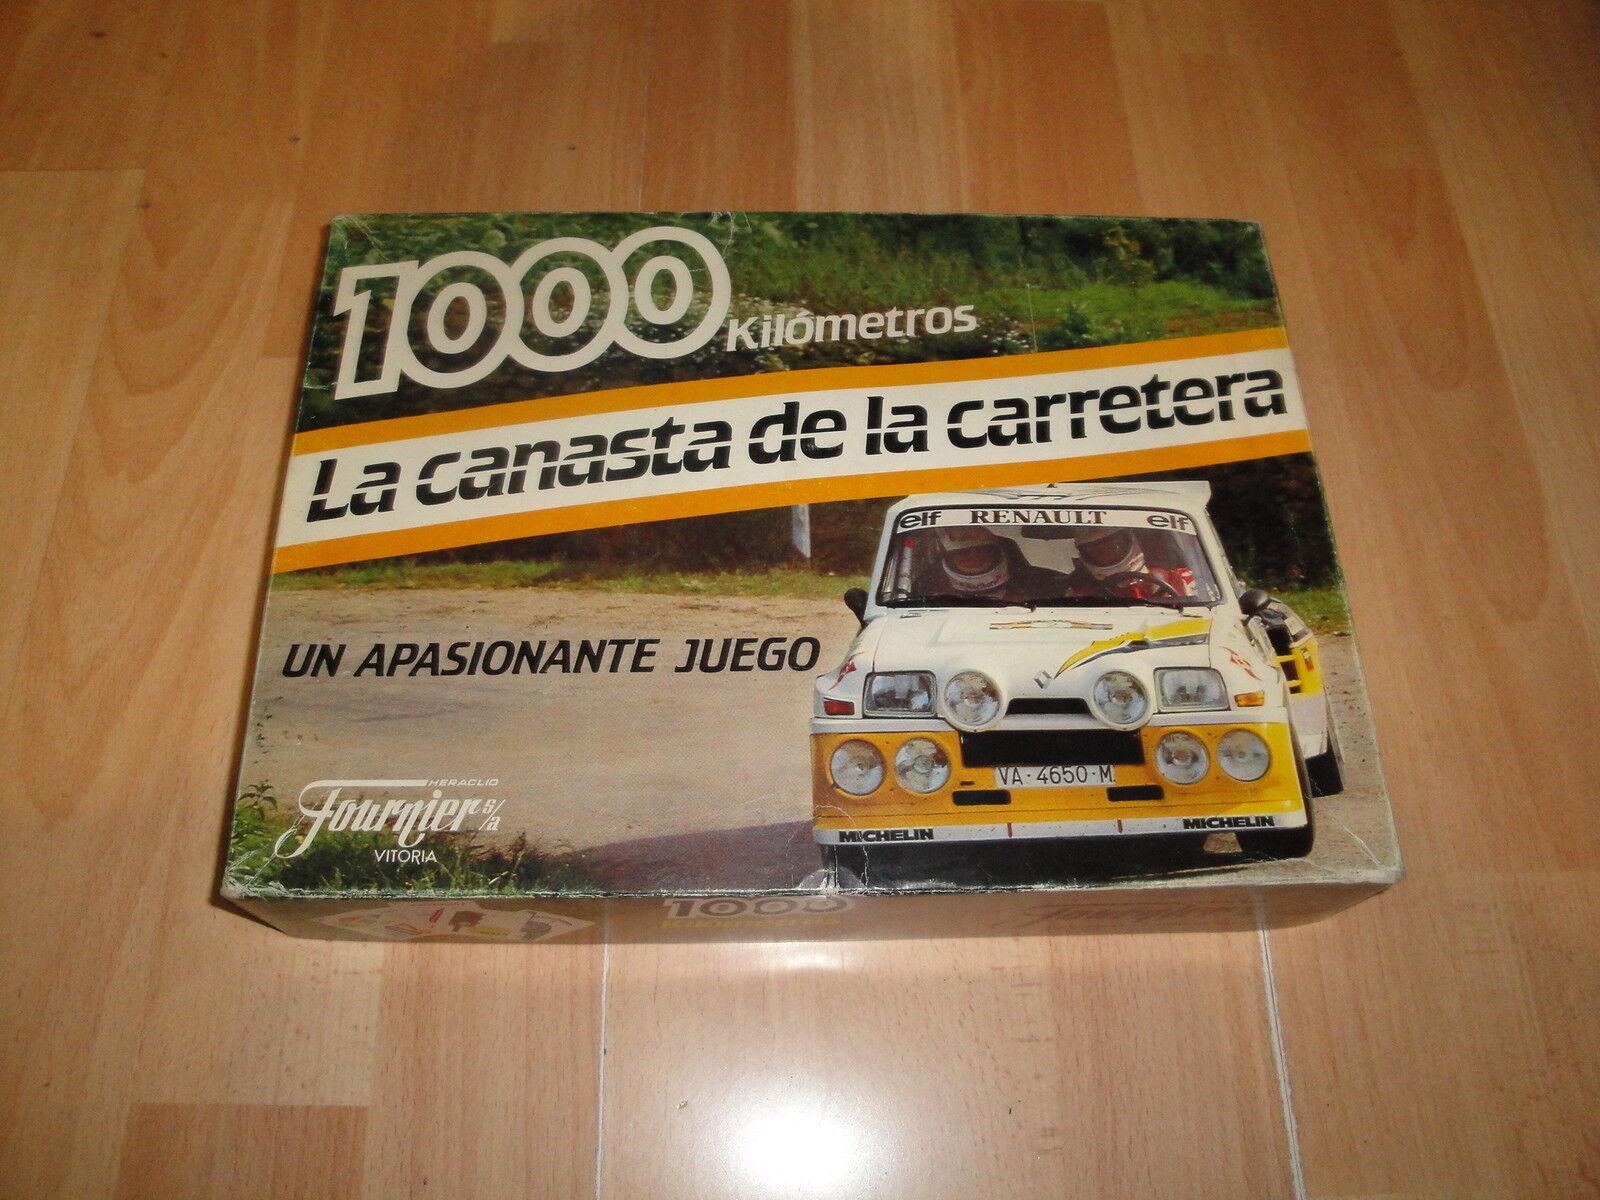 1000 KILOMETROS LA CANASTA DE LA CARRETERA JUEGO DE MESA DE FOURNIER BUEN ESTADO